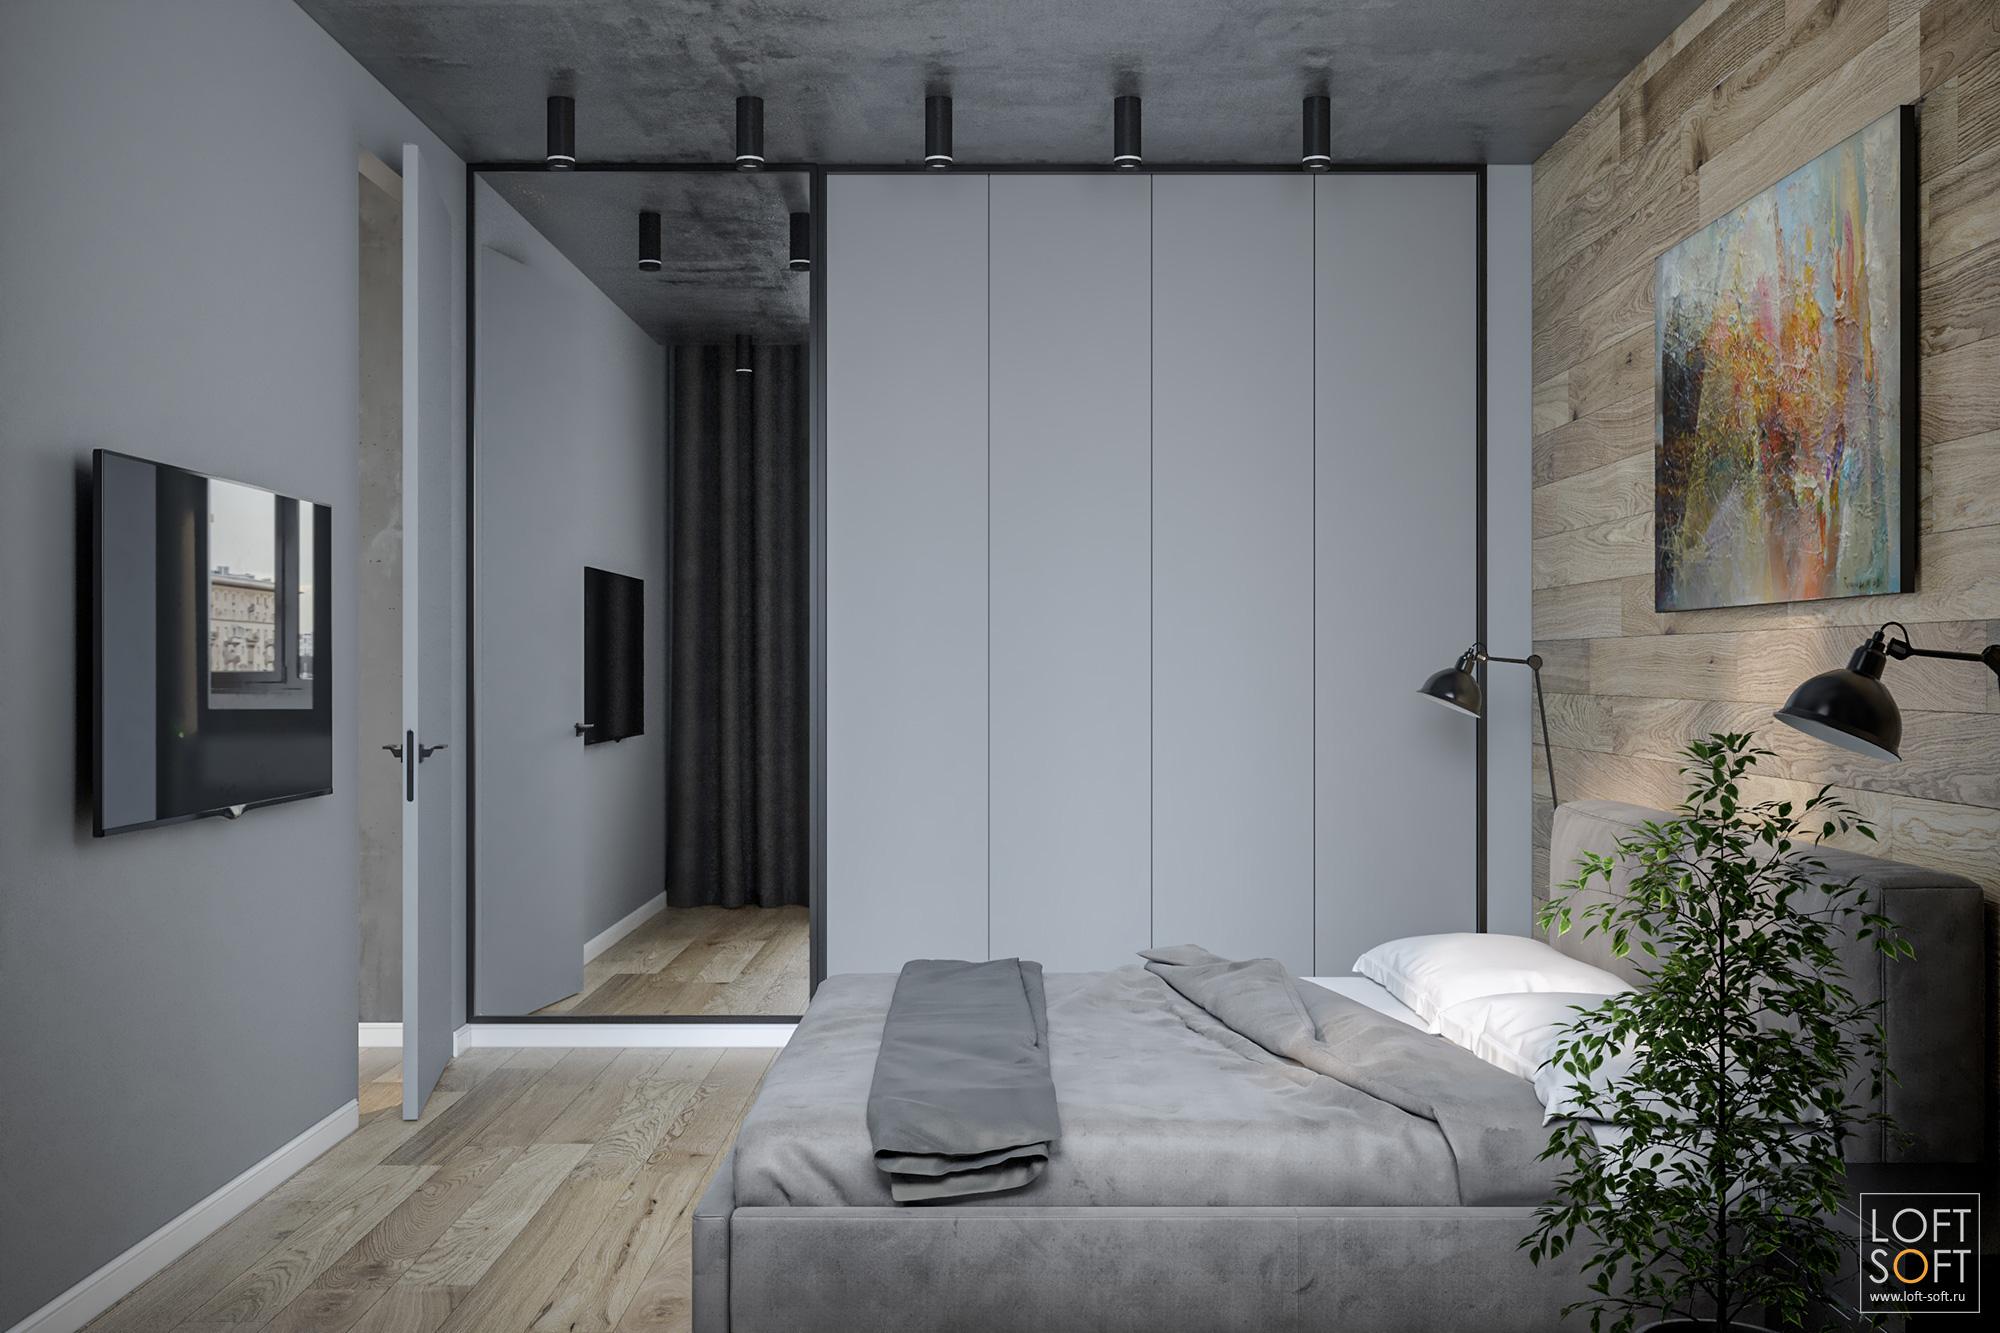 встроенный шкаф вспальне, современная спальня, лофт винтерьере